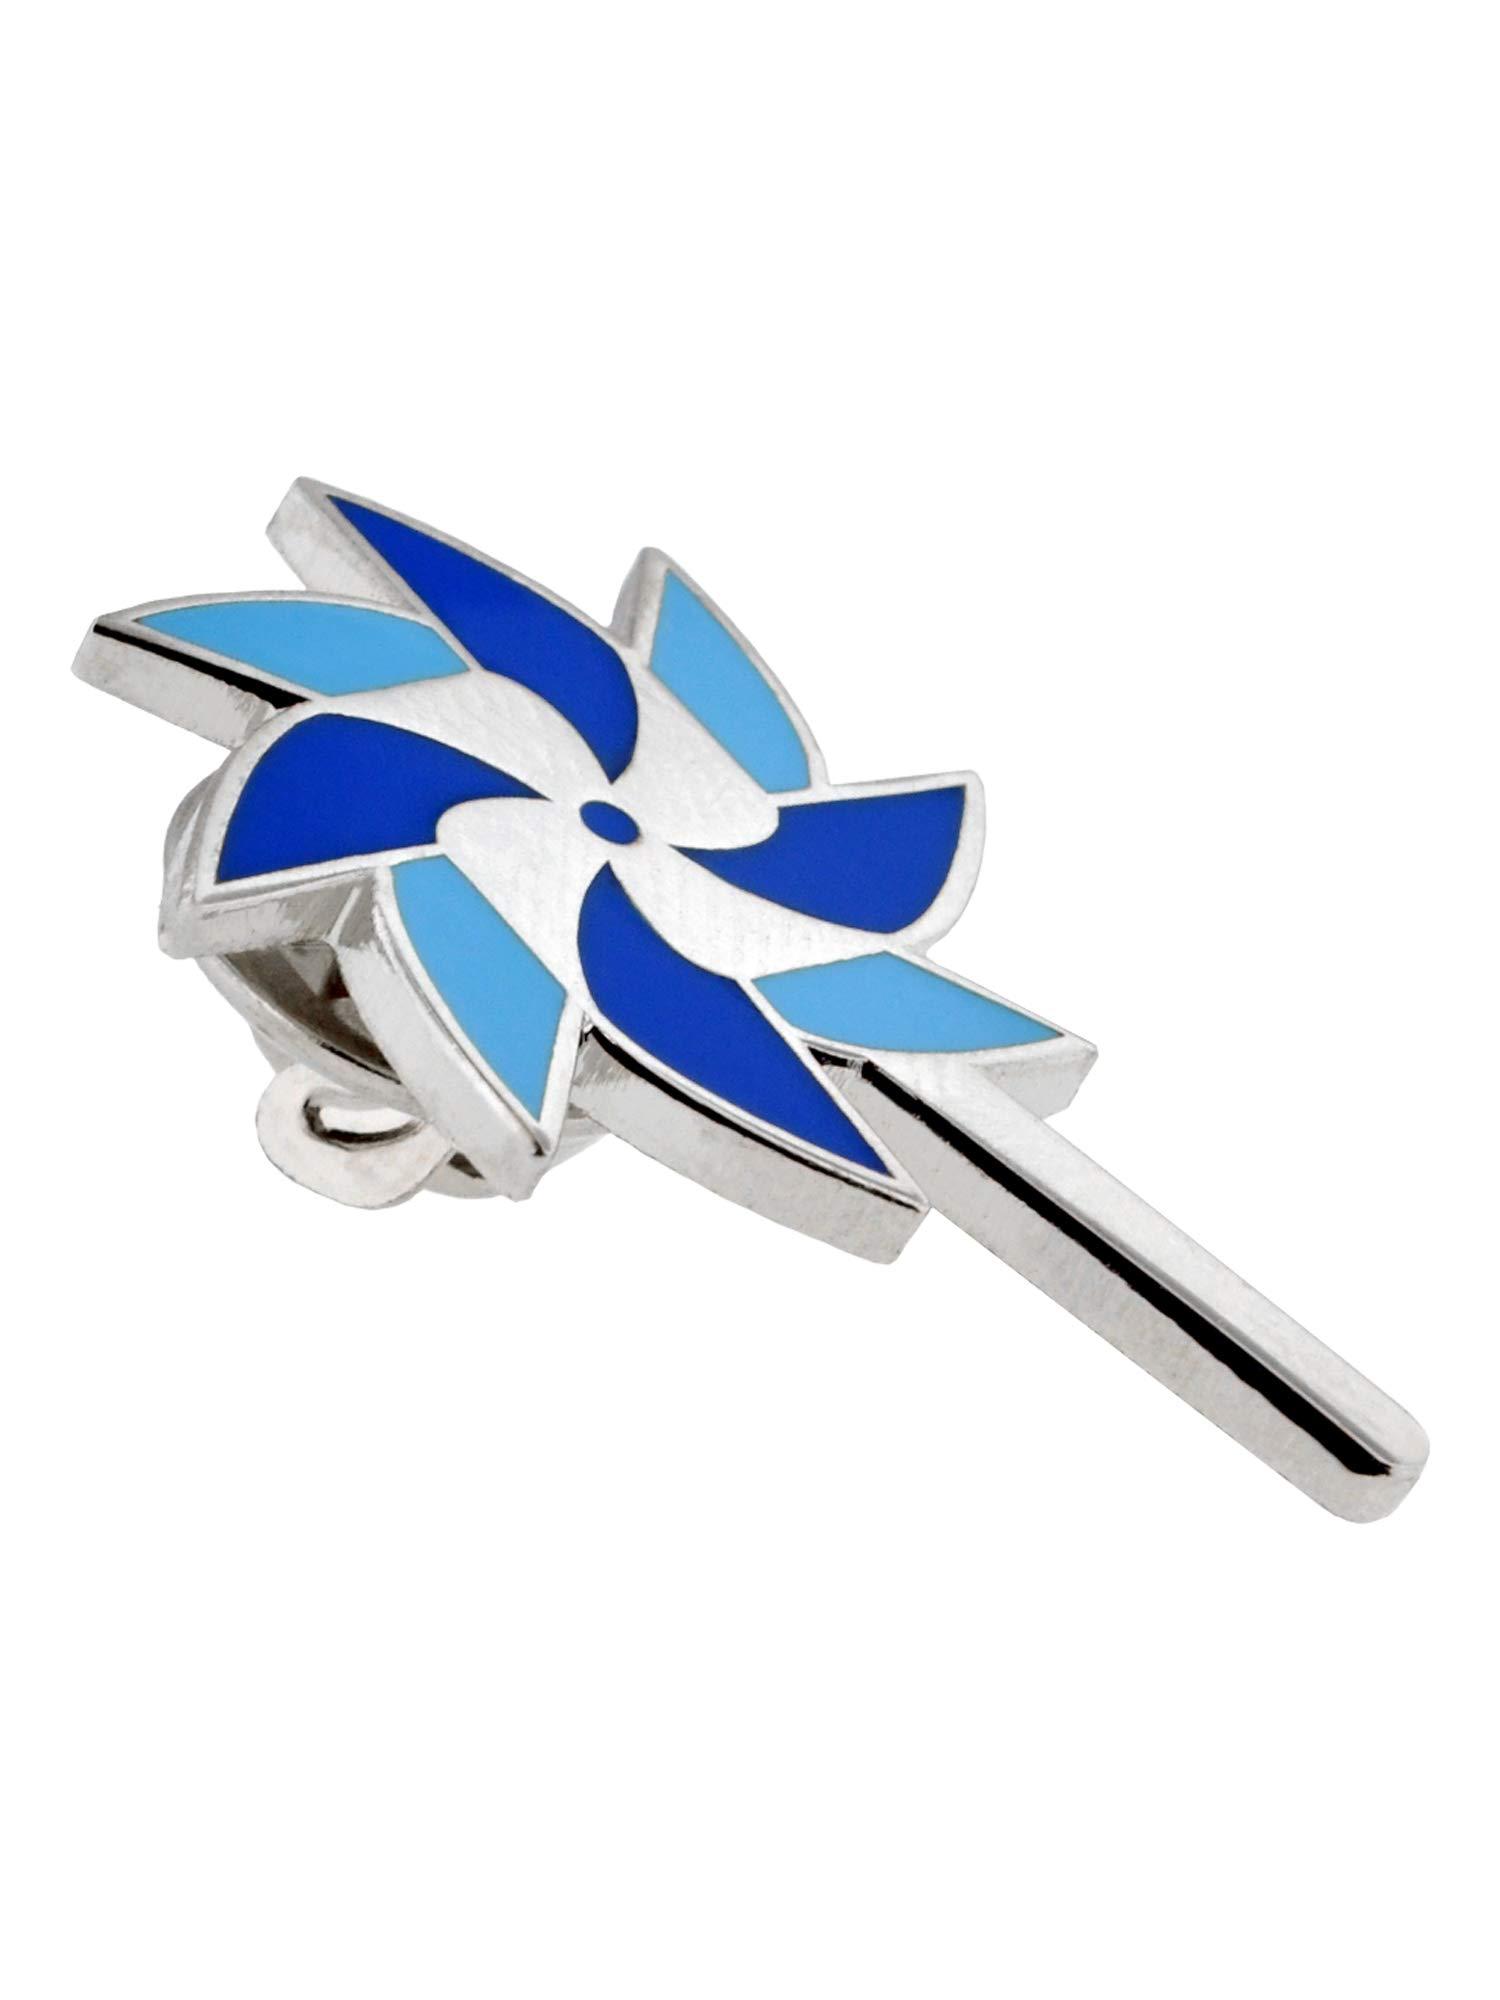 PinMart Child Abuse Awareness Blue Pinwheel Enamel Lapel Pin by PinMart (Image #2)